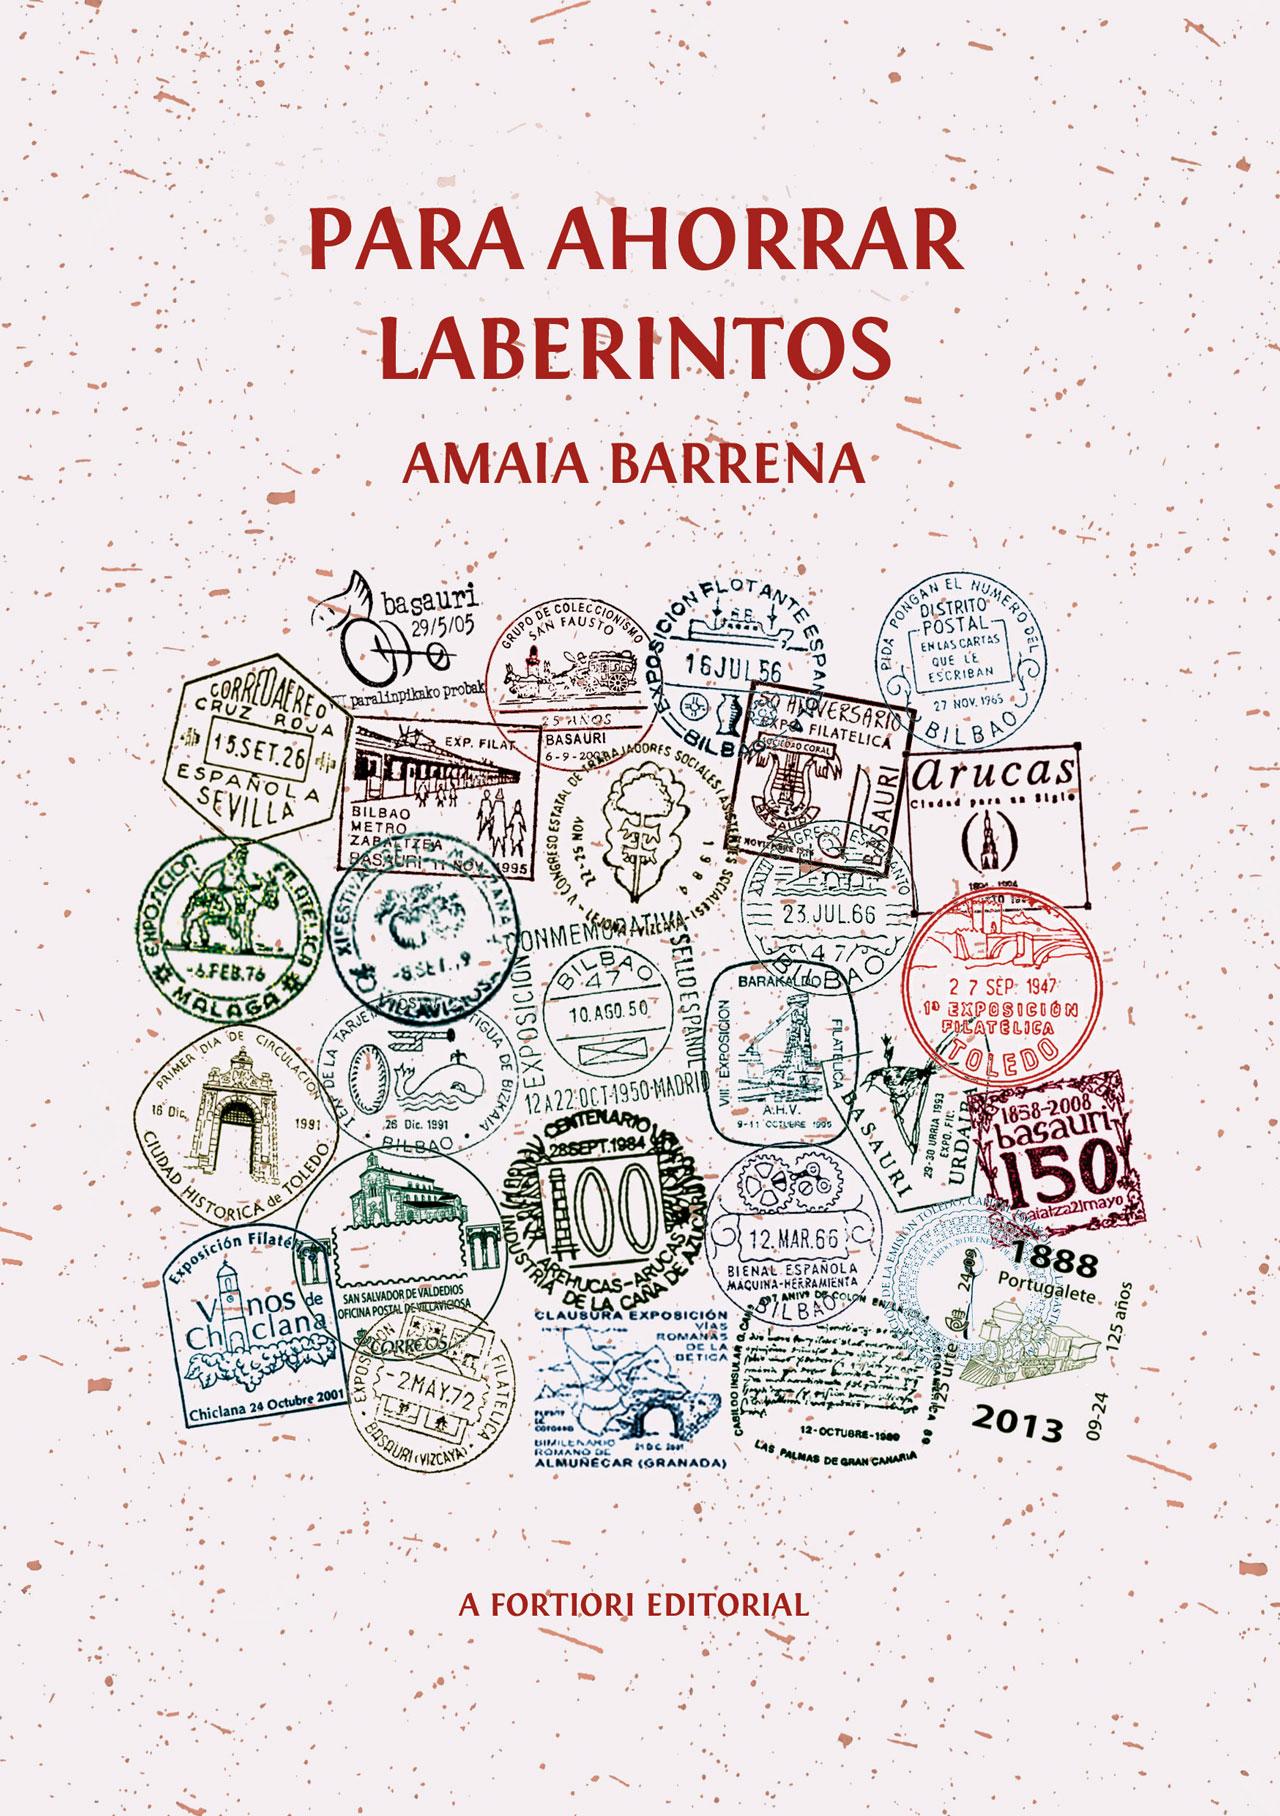 Para ahorrar laberintos, Amaia Barrena, A Fortiori Editorial